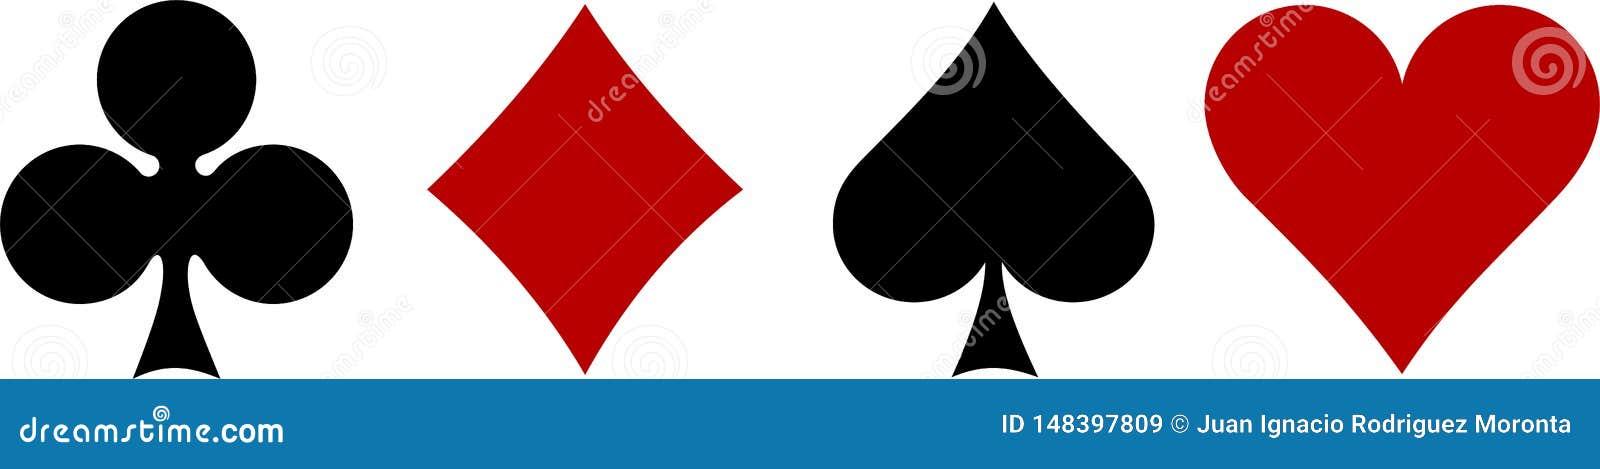 Kaartstokken, hart, spades, diamanten, klaver